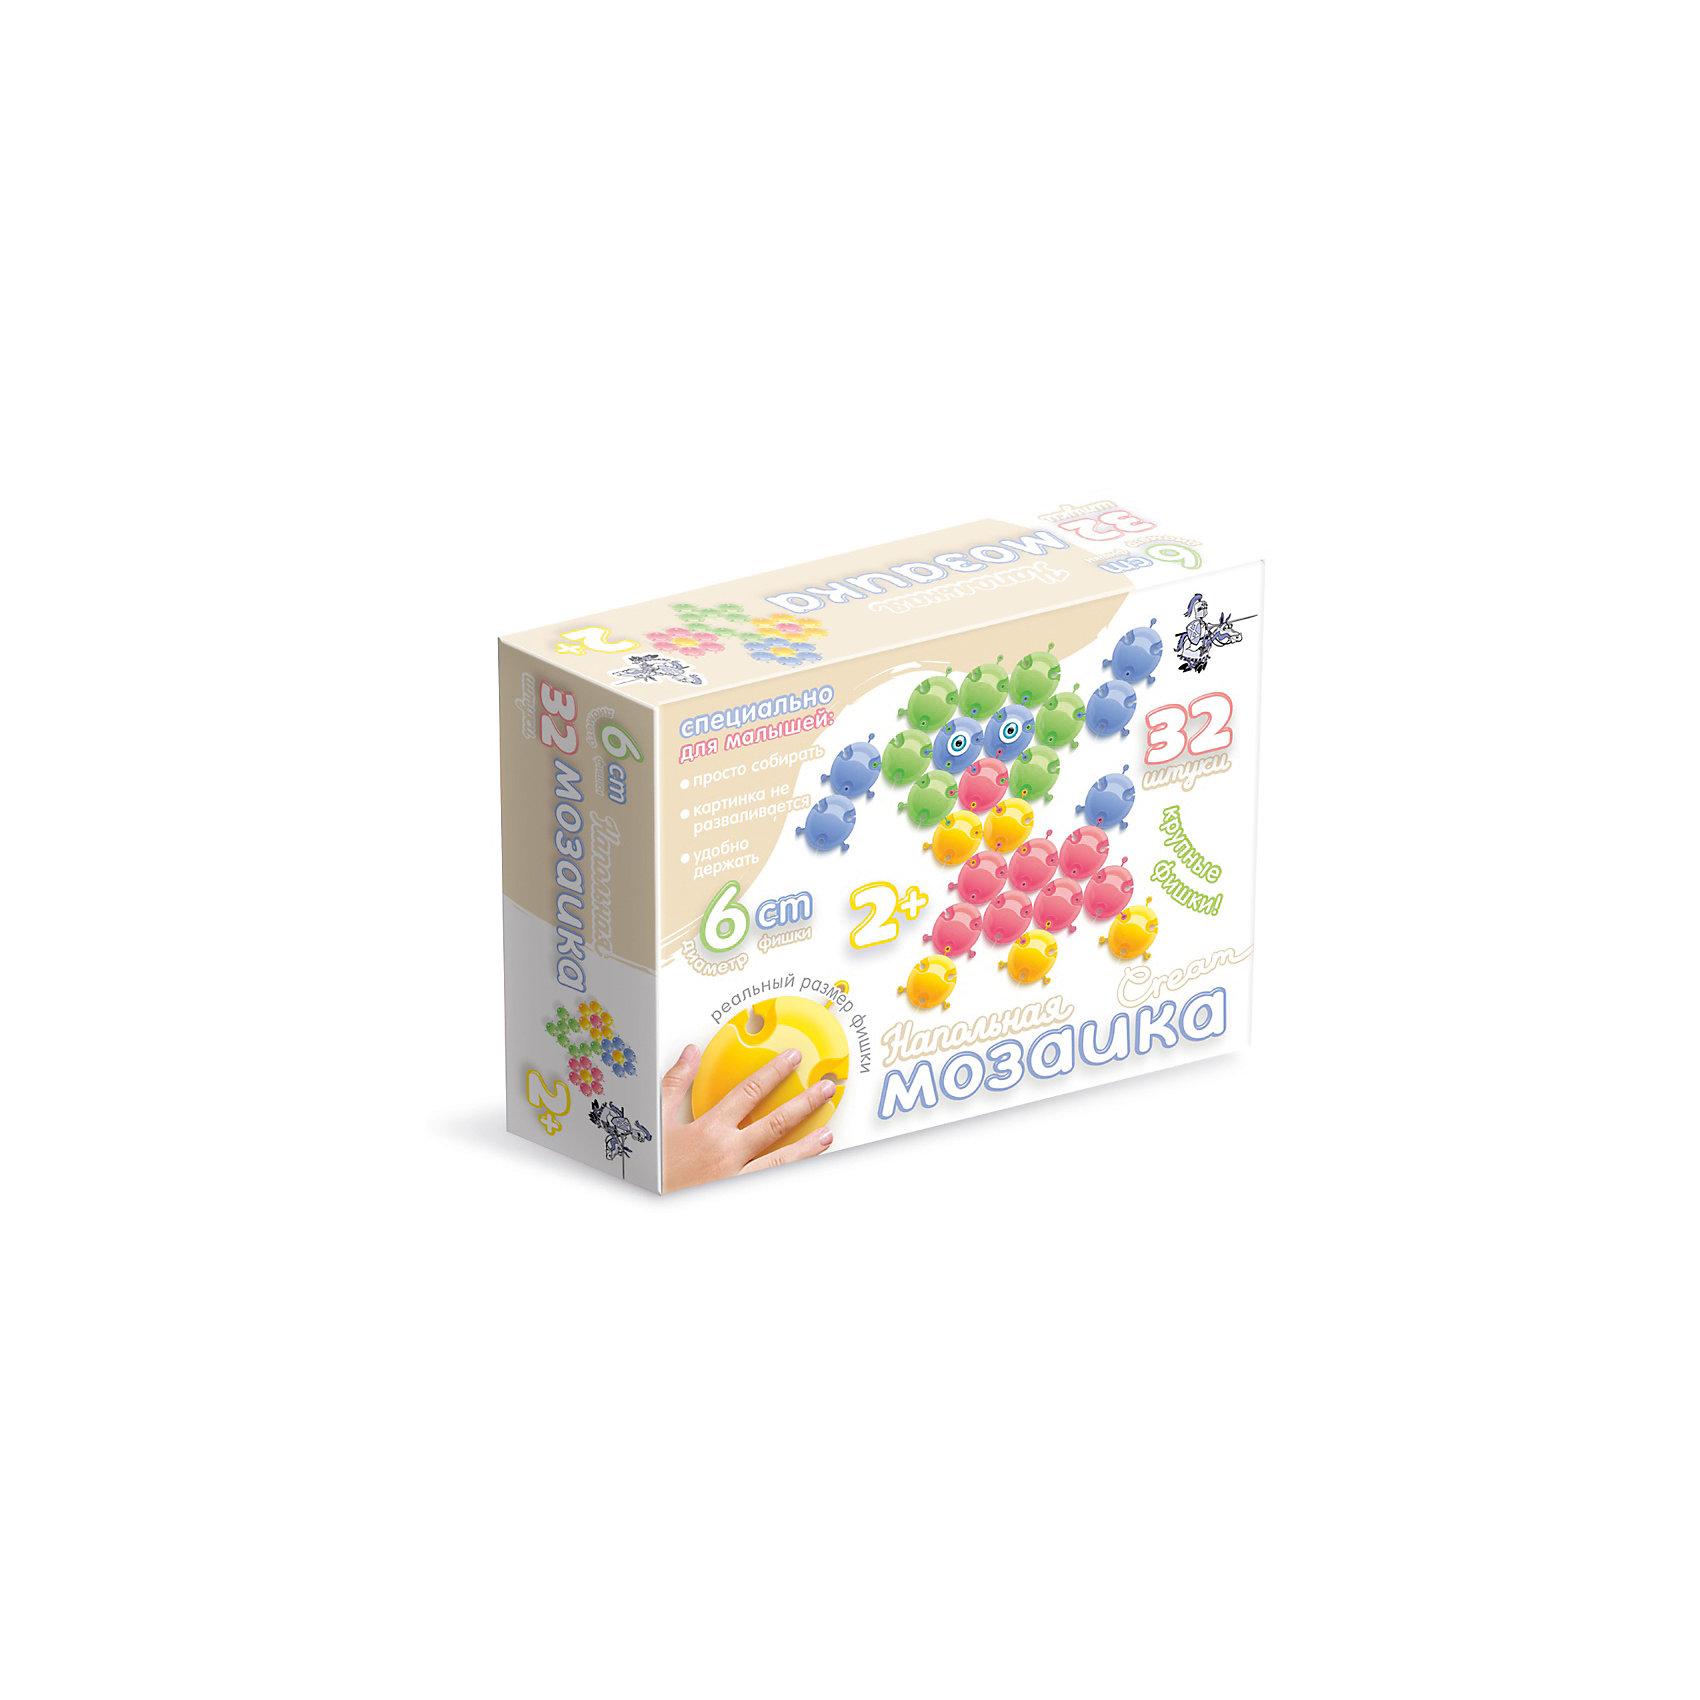 Напольная мозаика с крупными фишками, 32 детали, Десятое королевствоРазвивающие игры<br>Напольная мозаика с крупными фишками, 32 детали, Десятое королевство<br><br>Характеристики: <br><br>• Возраст: от 3 лет<br>• Материал: пластик<br>• Цвет: синий, красный, желтый, зеленый, голубой<br>• В комплекте: фишки (32 штук), наклейки-глазки<br><br>Из фишек этого набора ваш ребенок сможет собирать фигурки животных, а так же что угодно еще, на что хватит у него воображения. Всего в наборе содержится 32 цветных фишек 5-ти цветов: синий, красный, желтый, зеленый, голубой и глазки-наклейки для детализации животных. <br><br>Так как размер каждого элемента достигает 6 см, ваш ребенок сможет собирать действительно большие изображения. Благодаря тому, что каждая фигурка снабжена особыми пазами, для их использования не требуется применение отдельного игрового поля.<br><br>Напольная мозаика с крупными фишками, 32 детали, Десятое королевство можно купить в нашем интернет-магазине.<br><br>Ширина мм: 230<br>Глубина мм: 180<br>Высота мм: 60<br>Вес г: 337<br>Возраст от месяцев: 36<br>Возраст до месяцев: 60<br>Пол: Унисекс<br>Возраст: Детский<br>SKU: 5473769